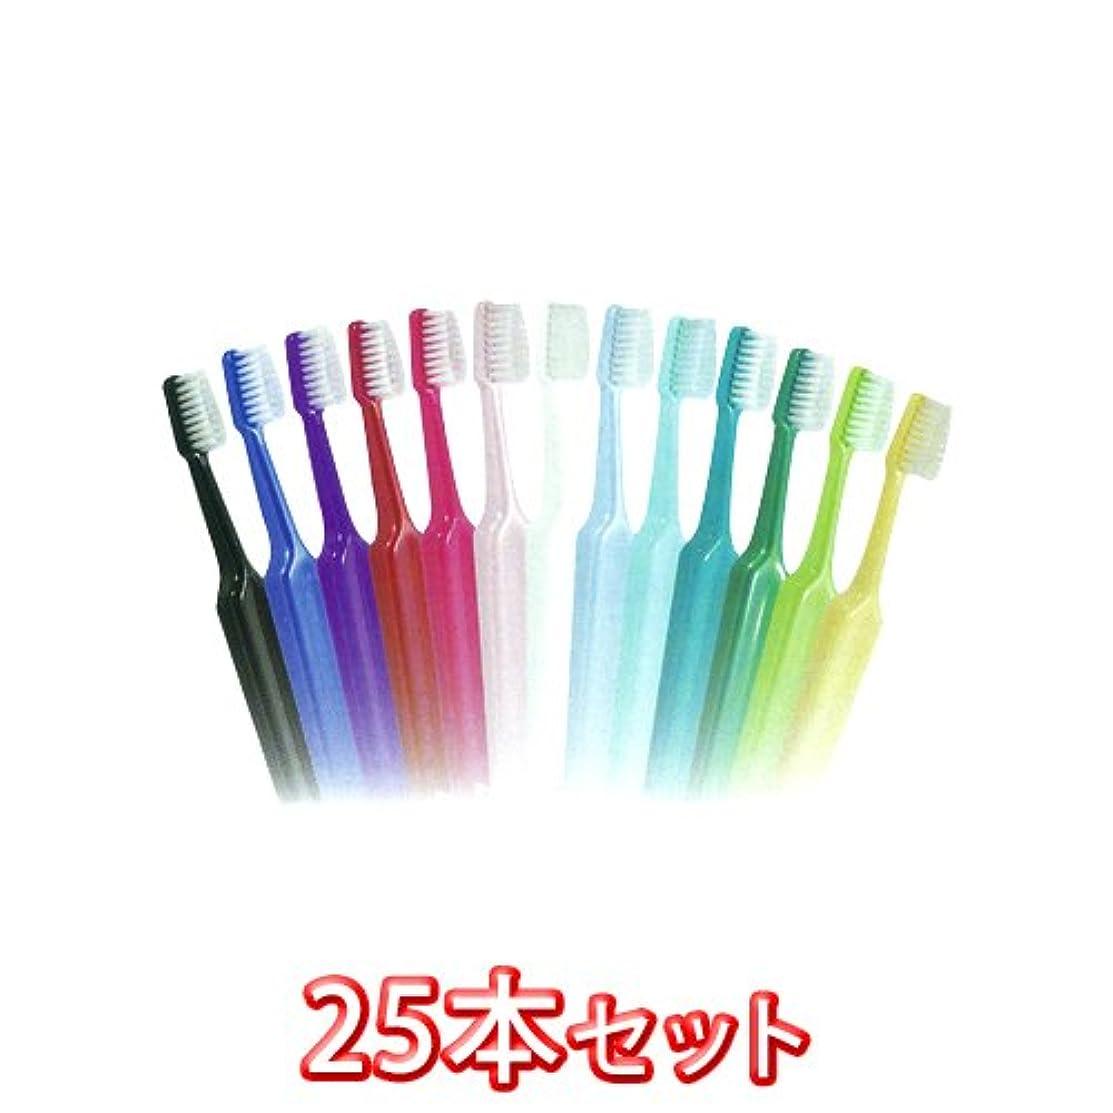 一元化するレオナルドダ無視するTePe テペ セレクトエクストラソフト 歯ブラシ 25本入